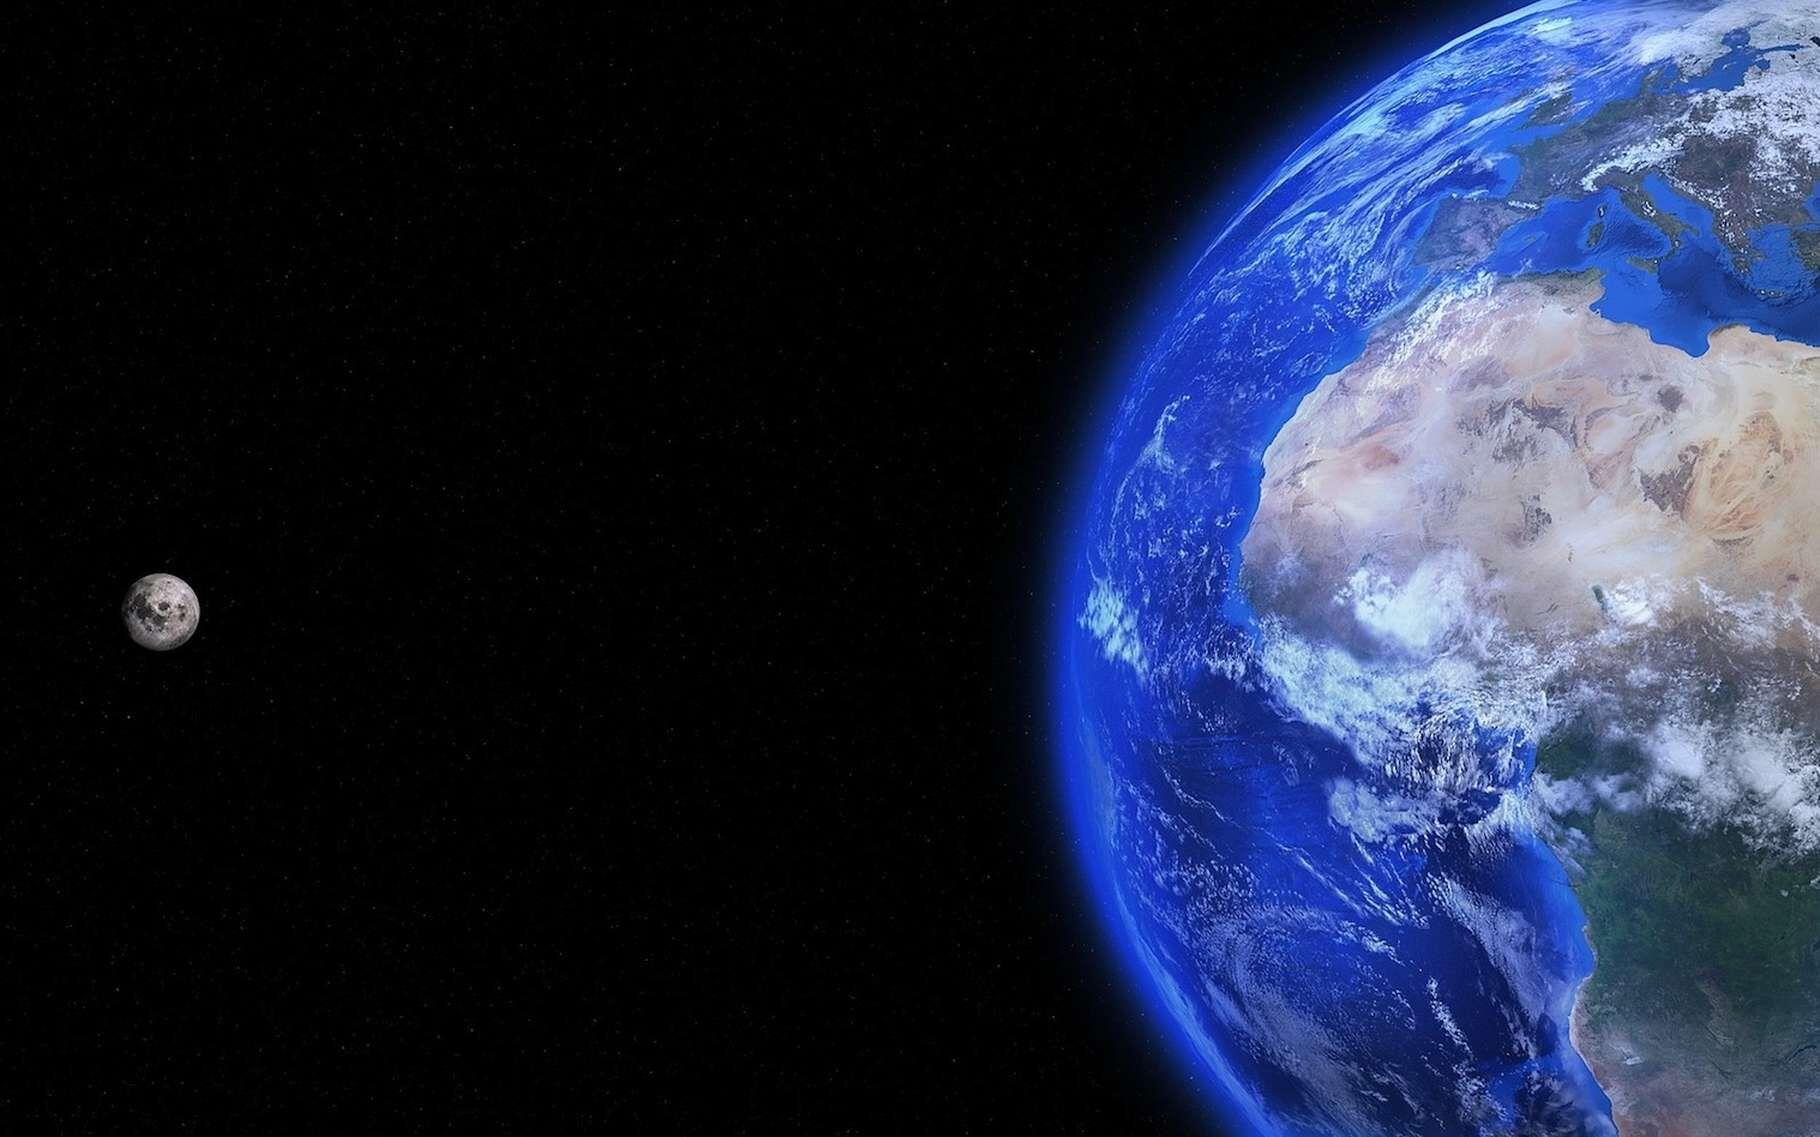 Au moment de l'observation, C/2014 UN271 se situait tout de même à une distance de plus de 2,8 milliards de kilomètres de la Terre.